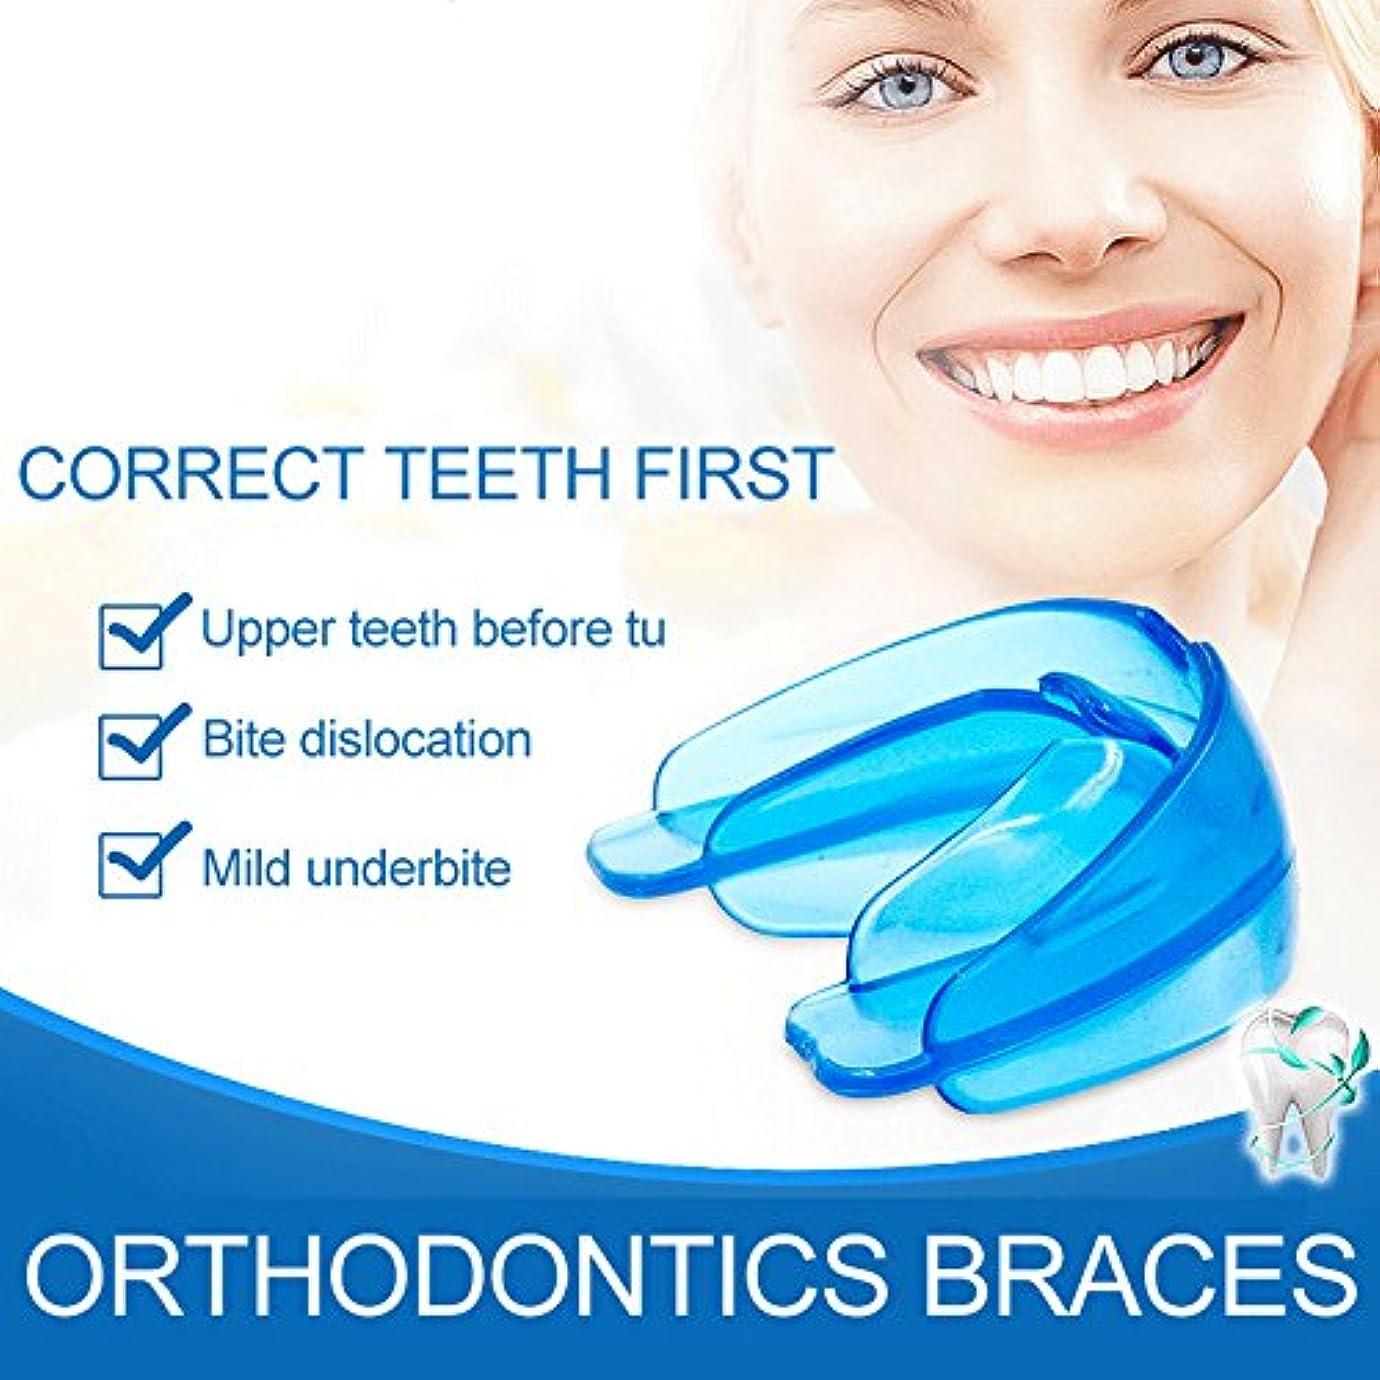 オンス接地面倒歯科矯正 歯科 矯正用固位器 直歯システム 使いやすい ブルー